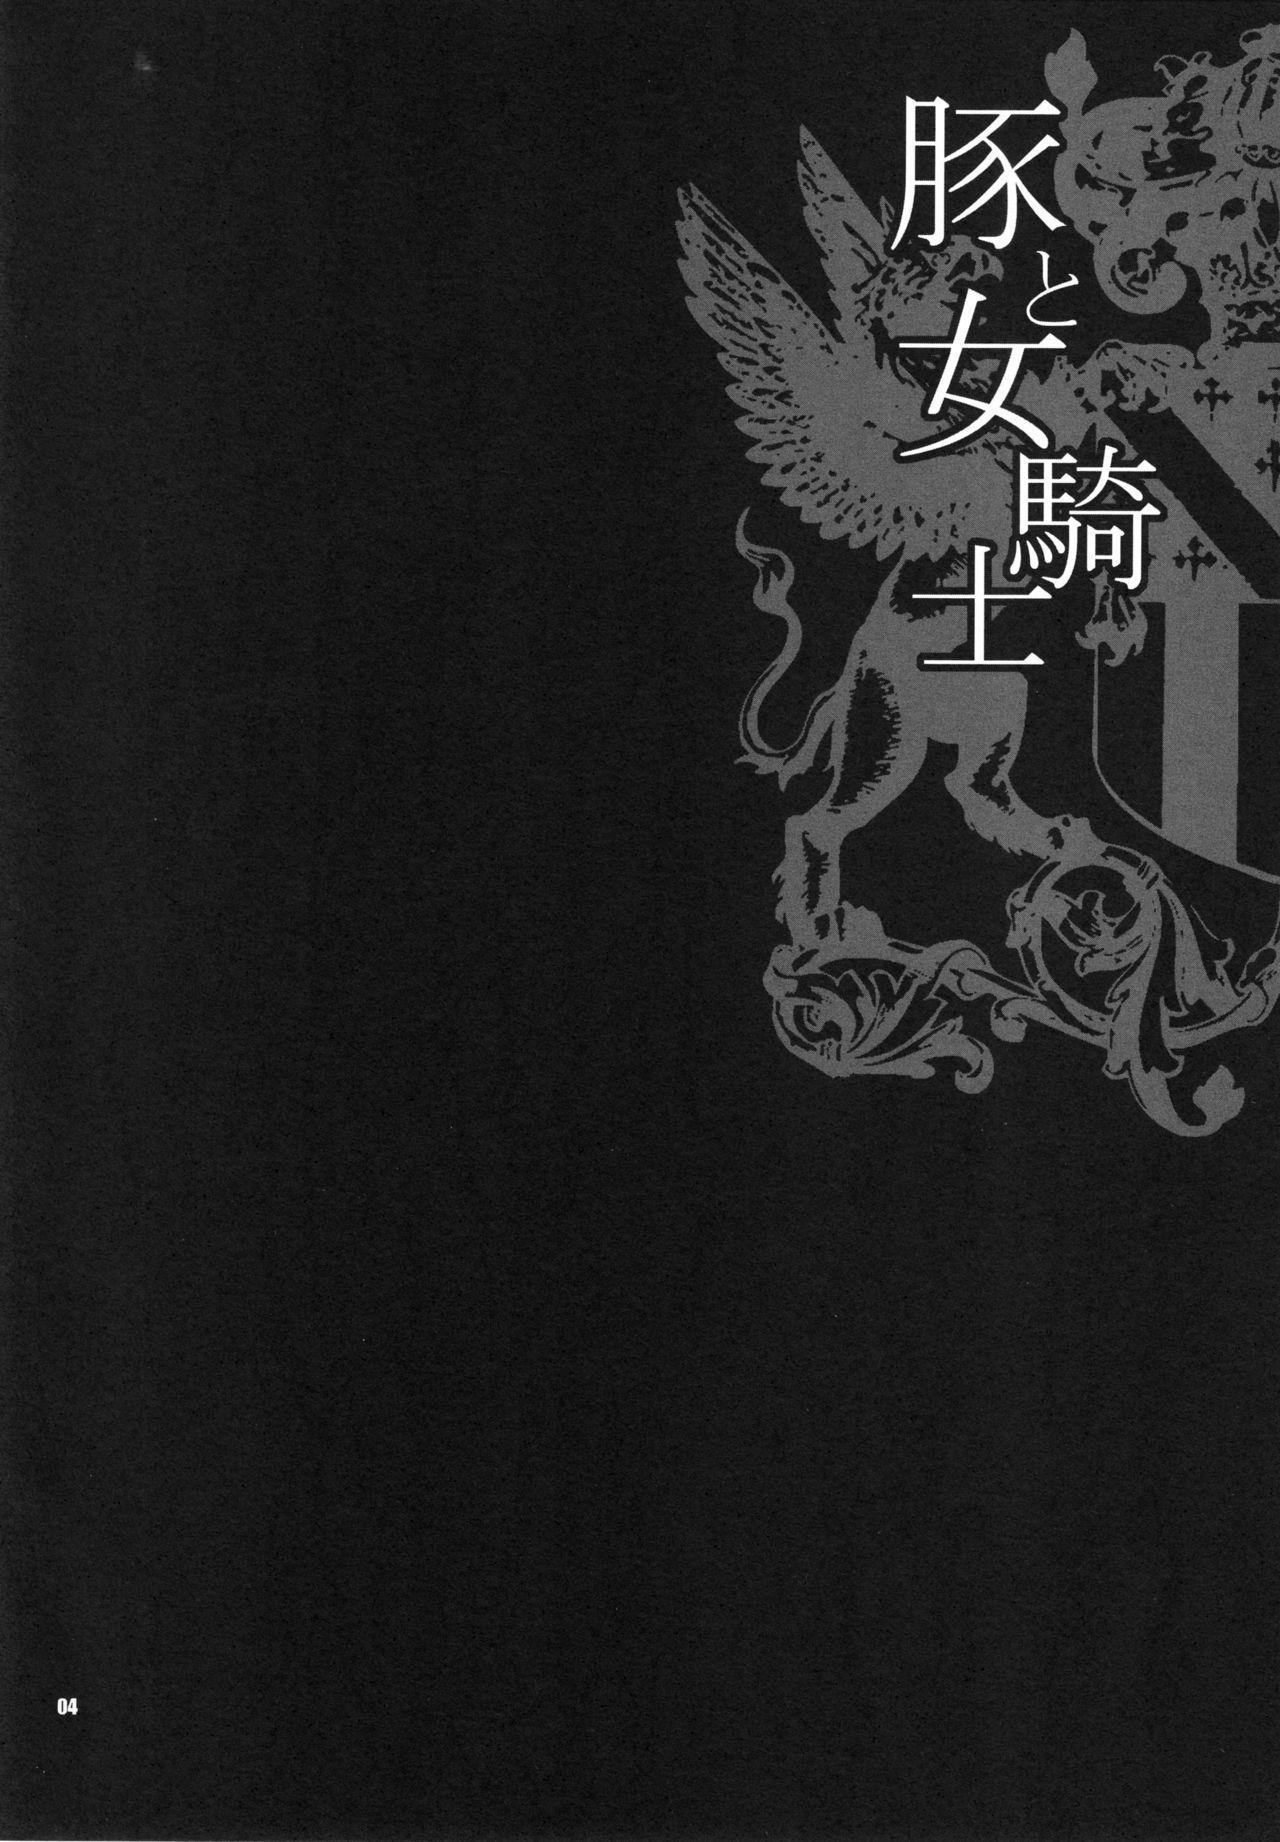 Yukiyanagi no Hon 38 Buta to Onnakishi 2 - Onnakishi wa Elf Shounen ga Okiniiri 2